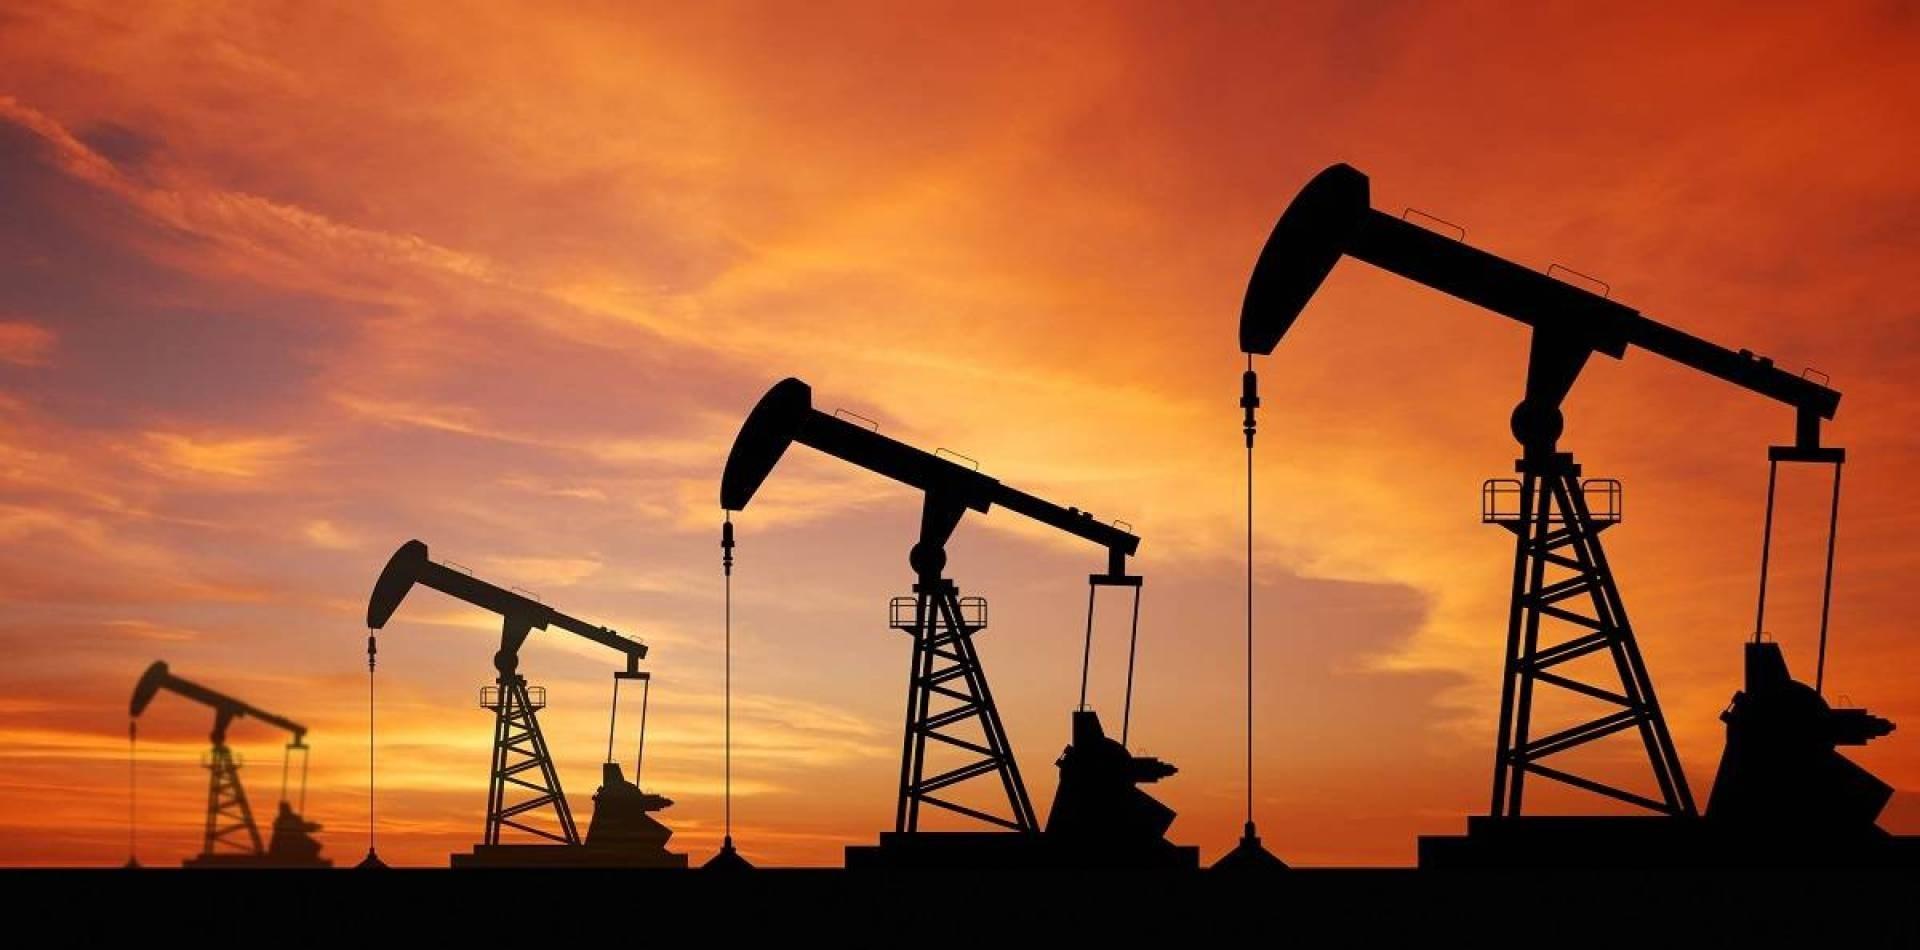 تراجع سعر النفط أكثر من 5% بسبب كورونا وتقدم بايدن على ترامب